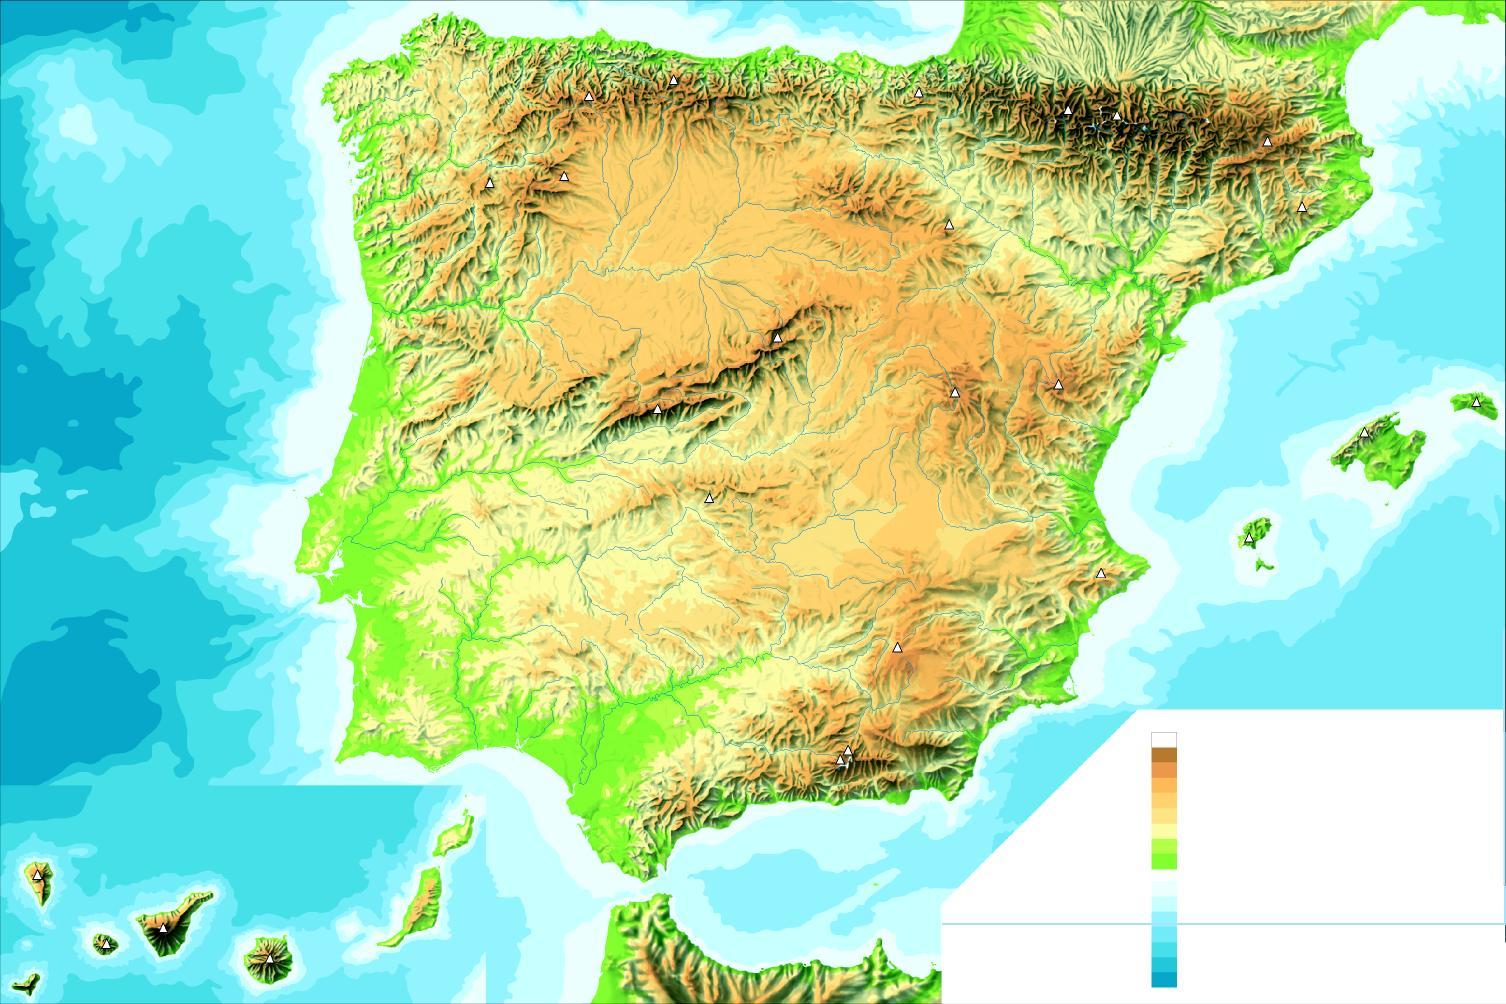 Mapa físico de España mudo